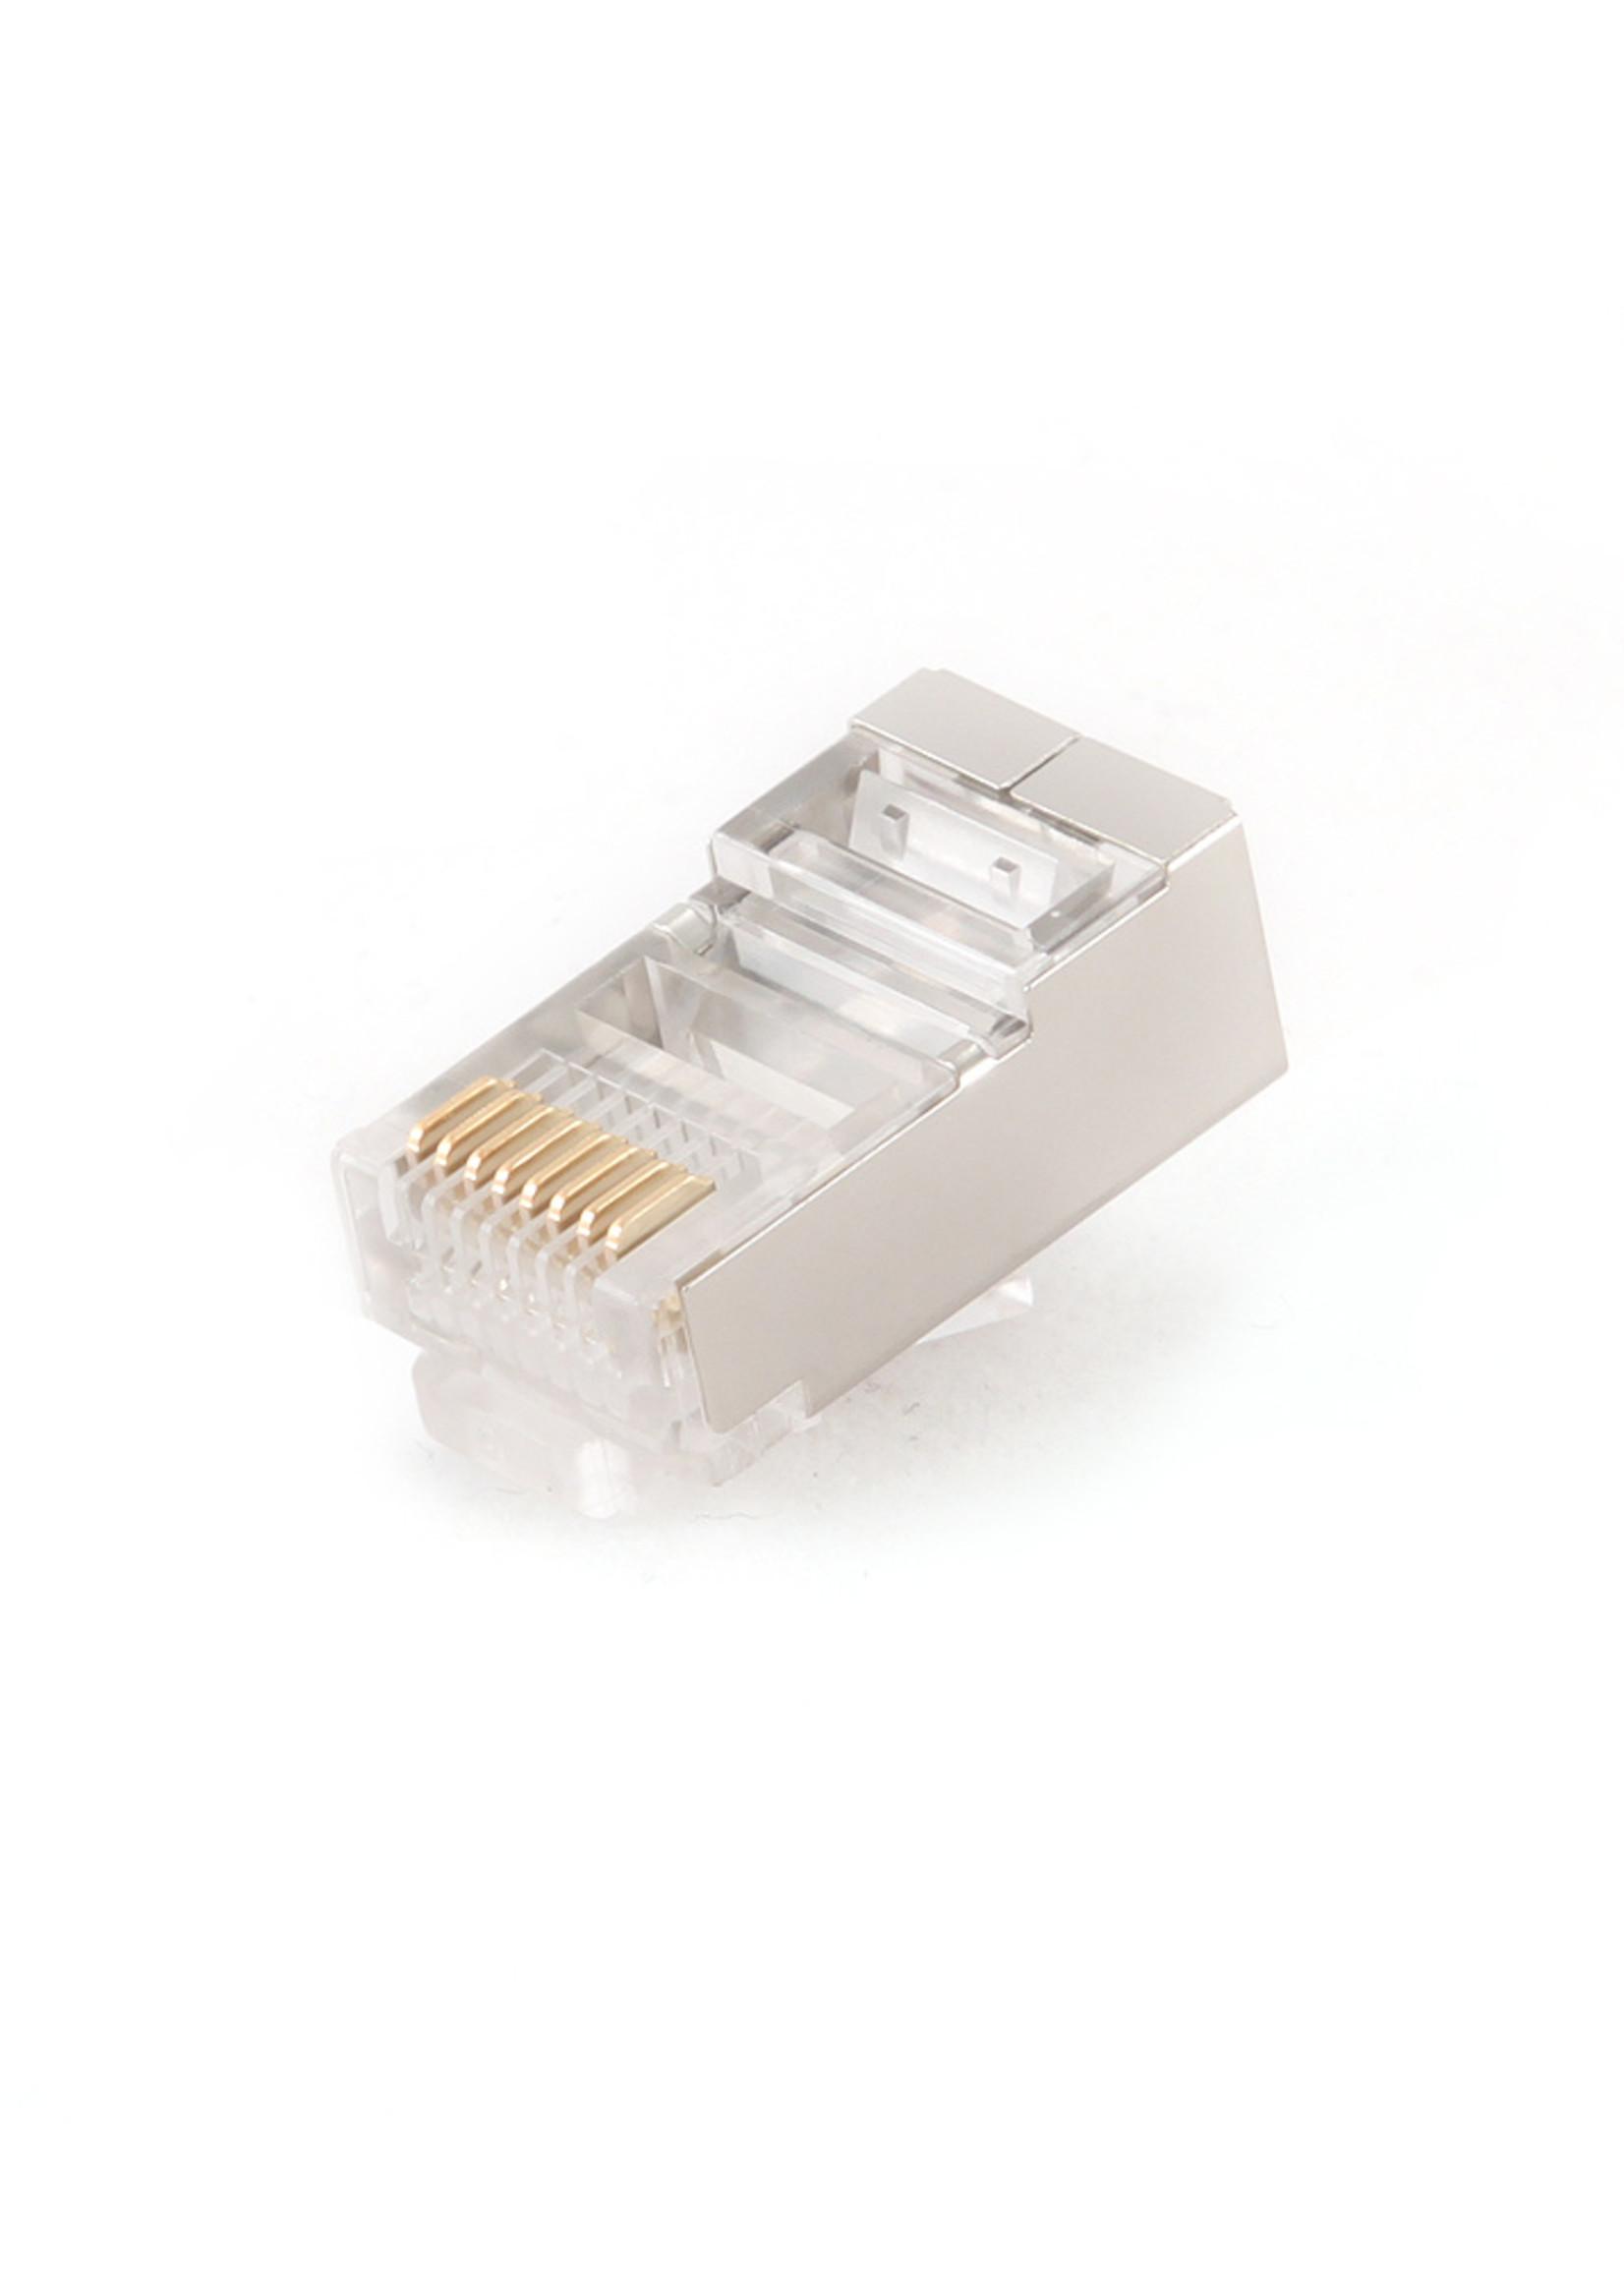 CableXpert Afgeschermde modulaire RJ45 stekker, 8P8C, 50 stuks